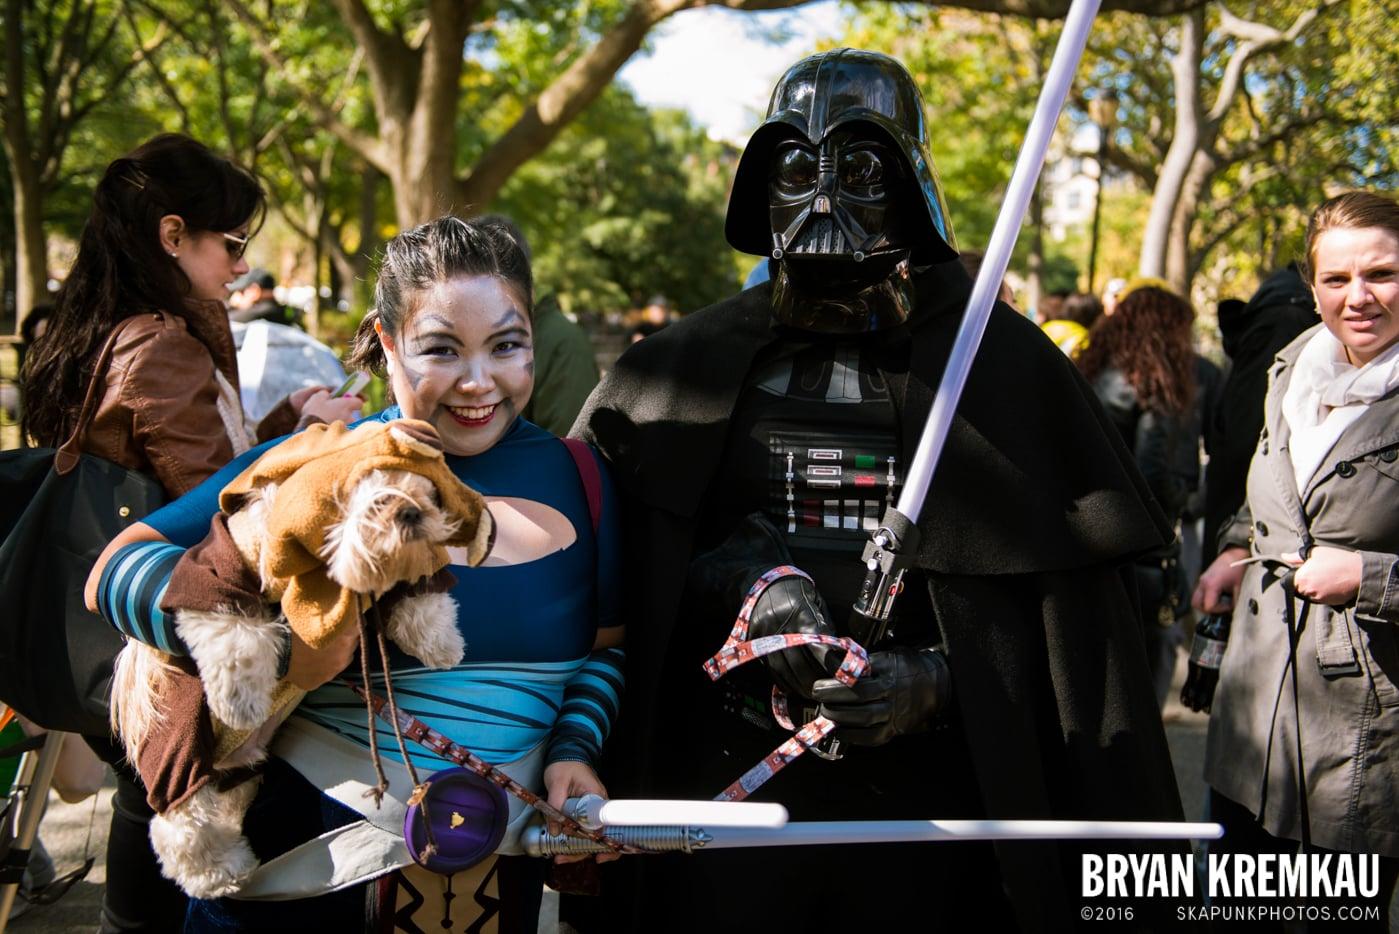 Tompkins Square Halloween Dog Parade 2013 @ Tompkins Square Park, NYC - 10.26.13 (20)